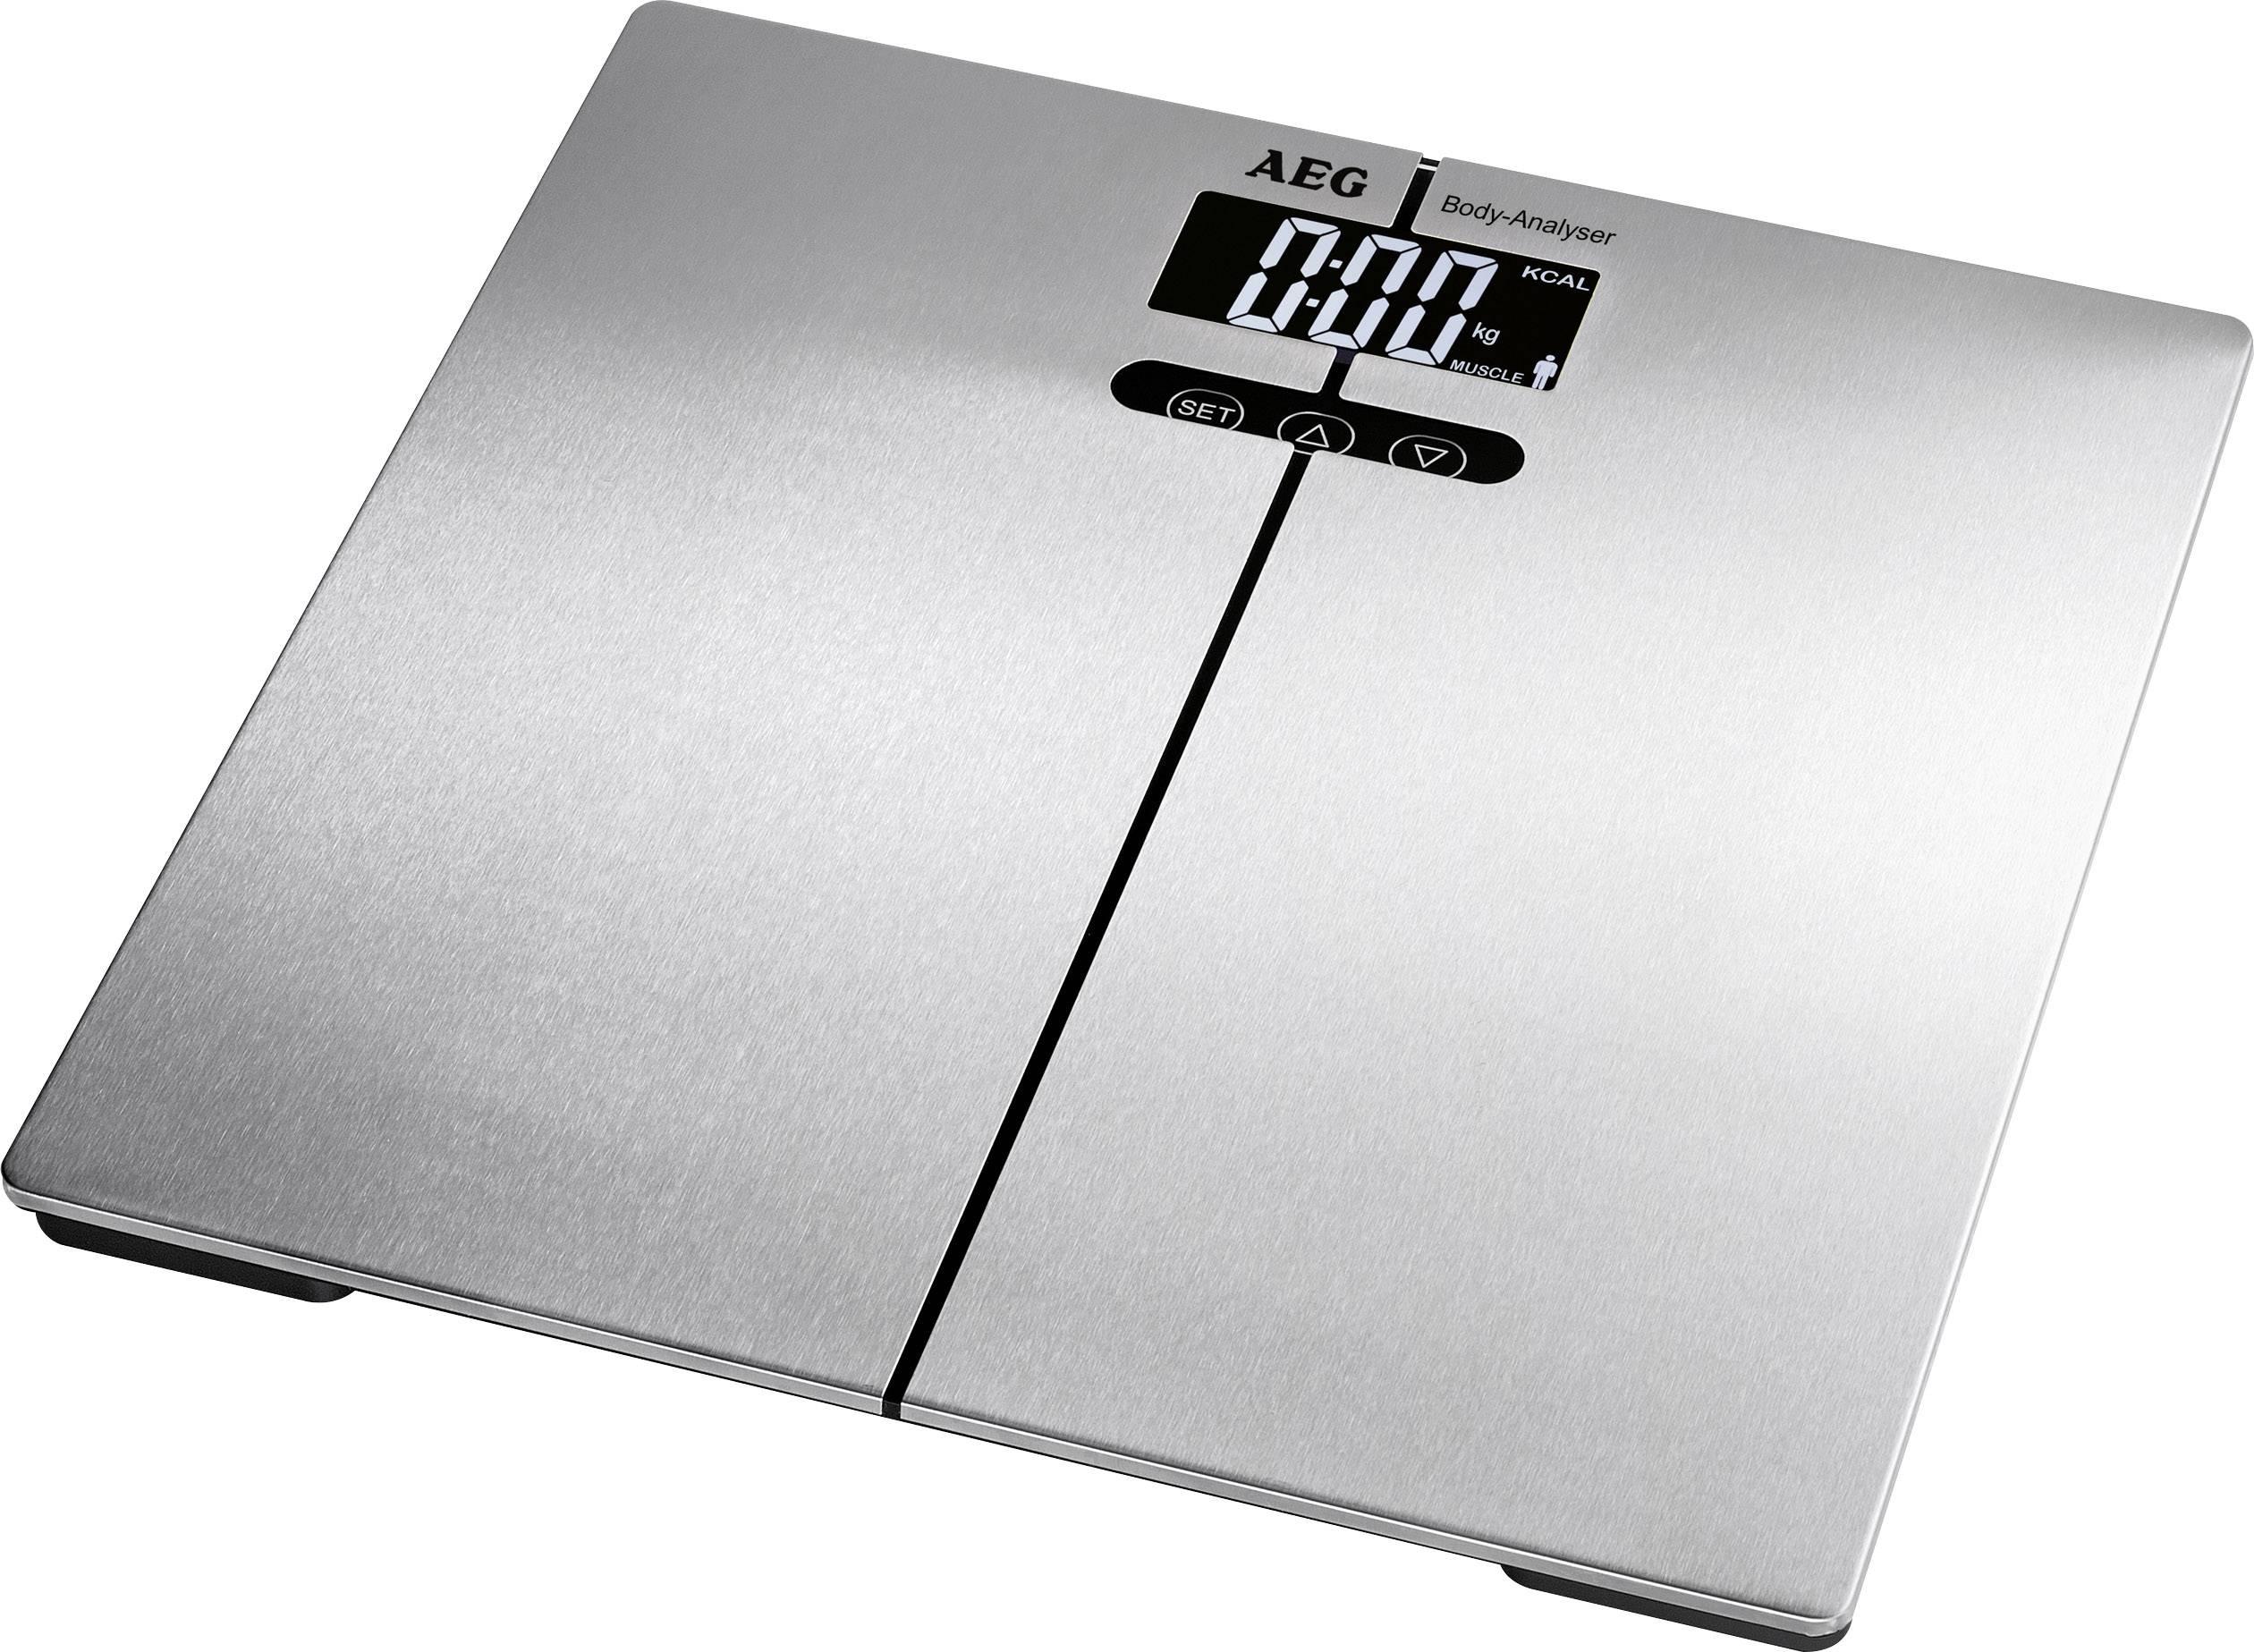 Analyzační váha AEG PW 5661 FA, stříbrná